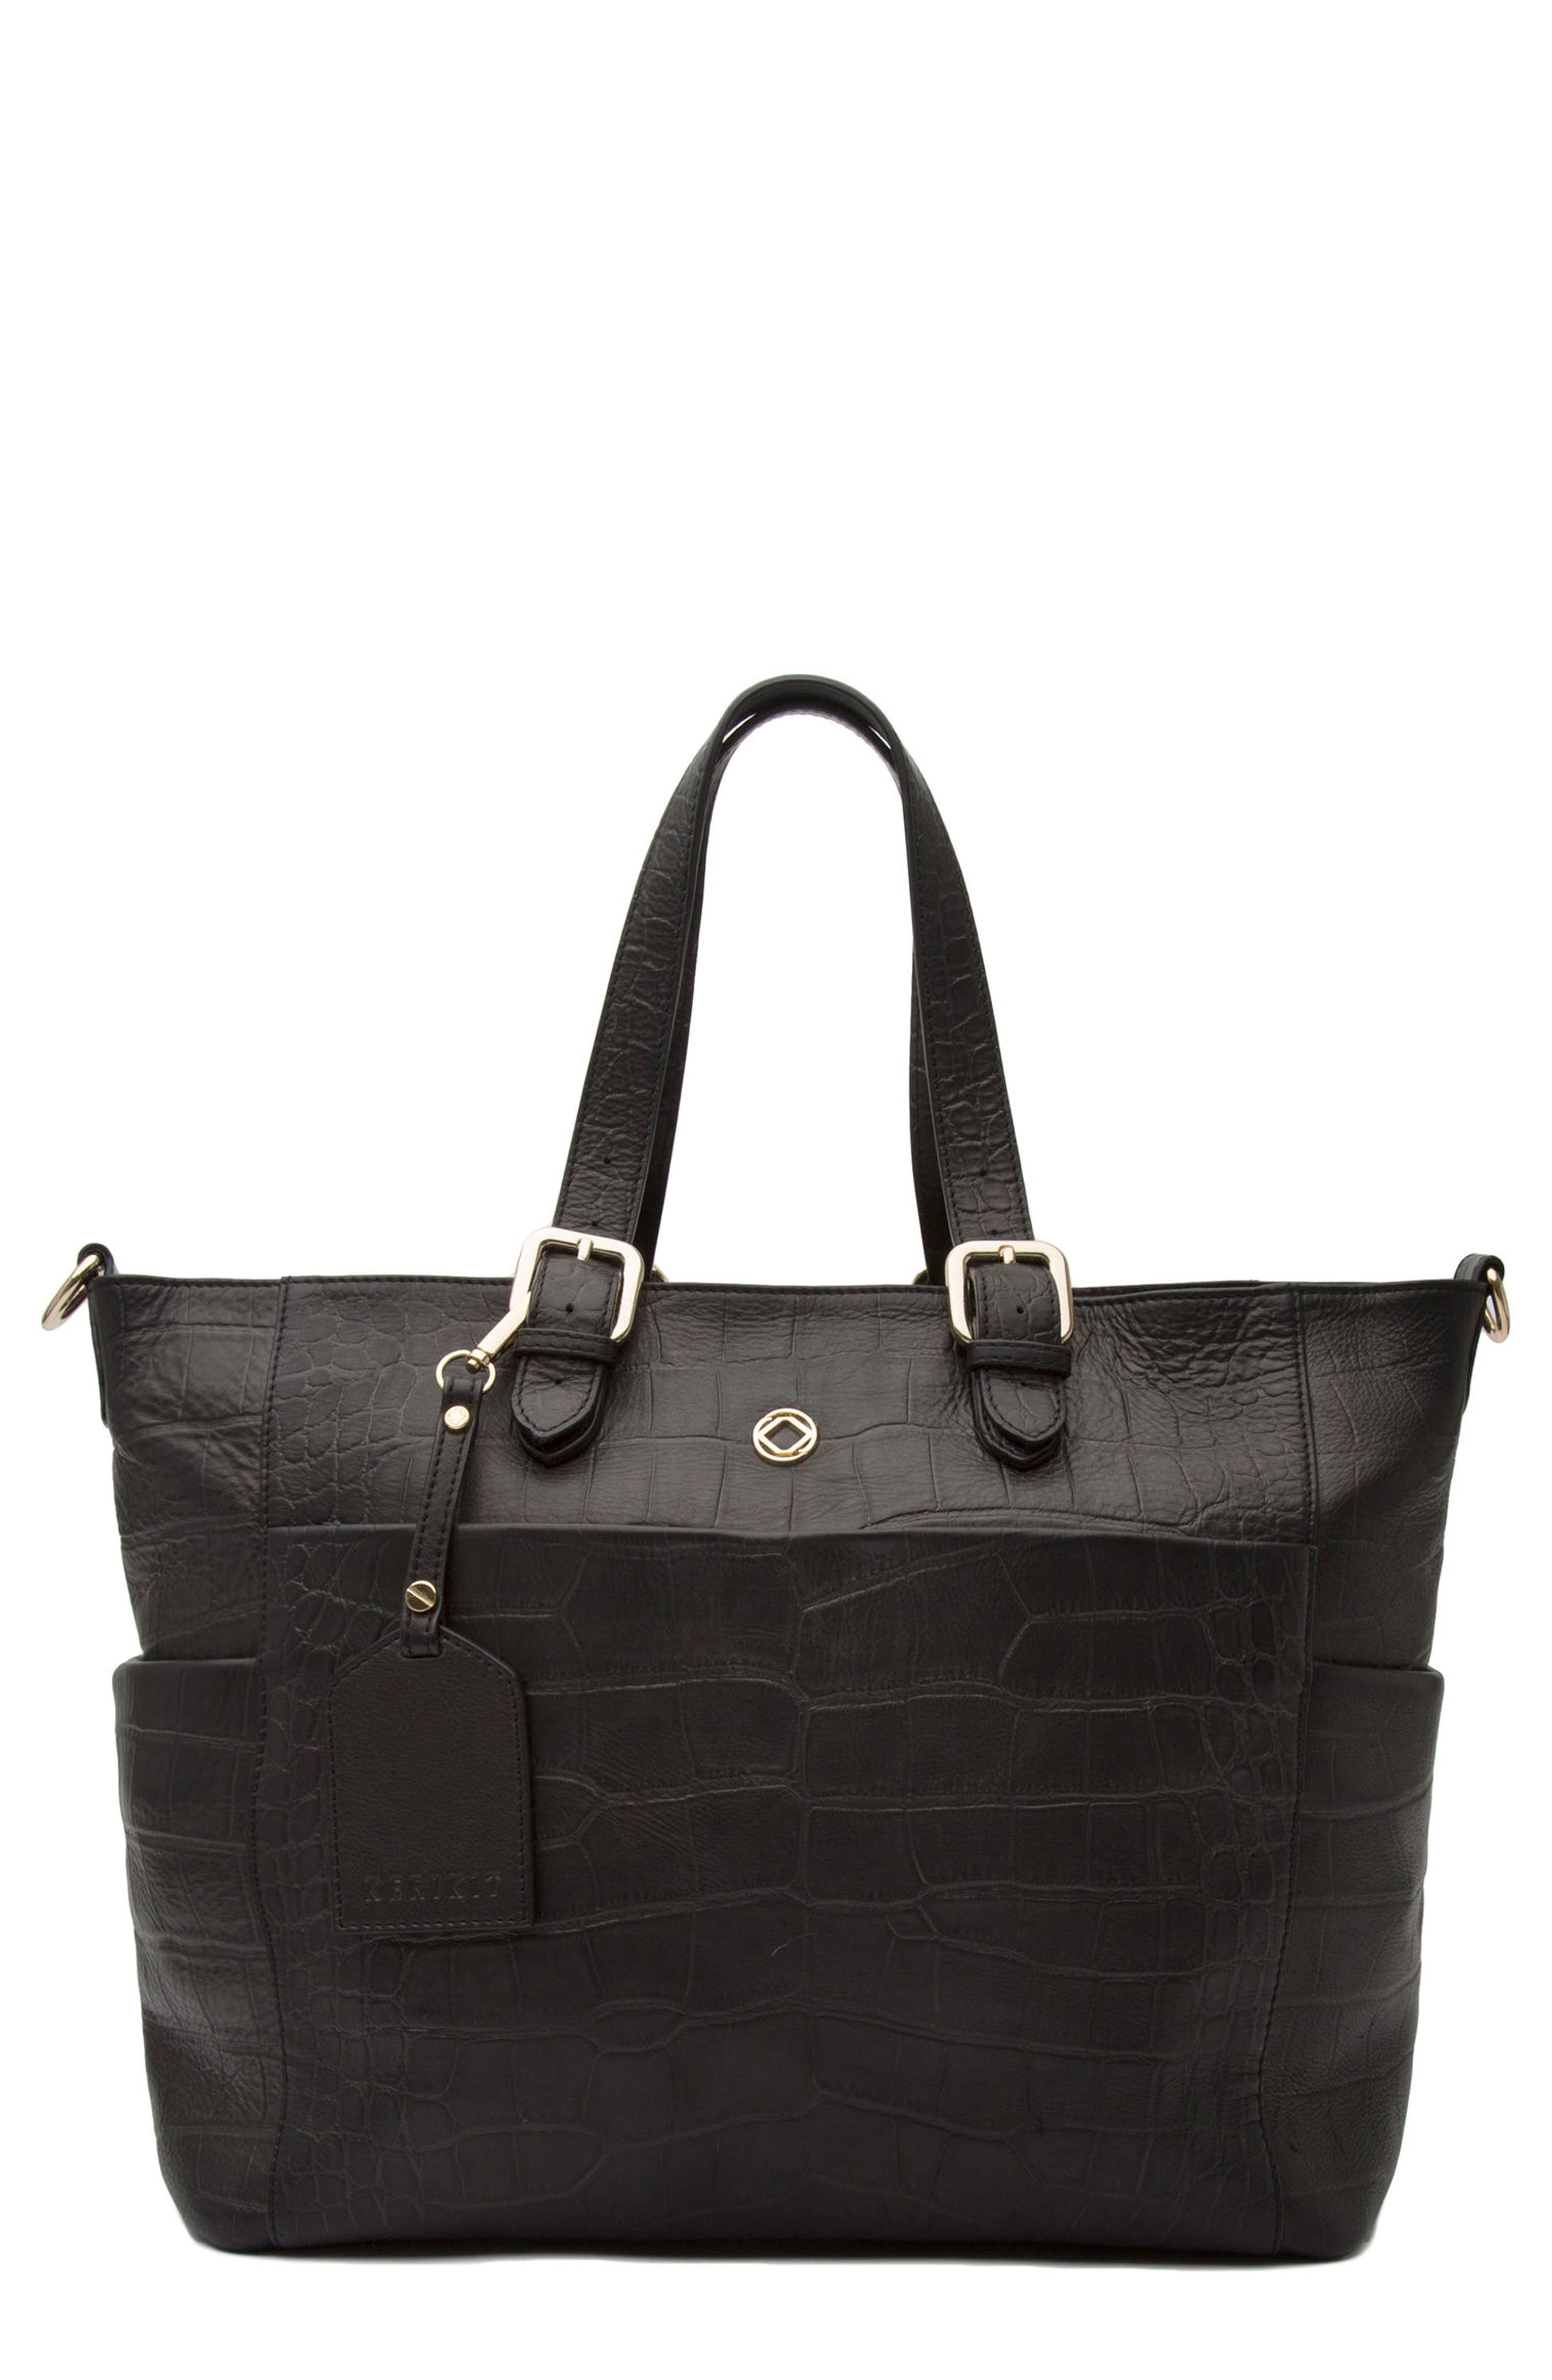 Main Image - Kerikit Francis Croc Embossed Leather Diaper Bag